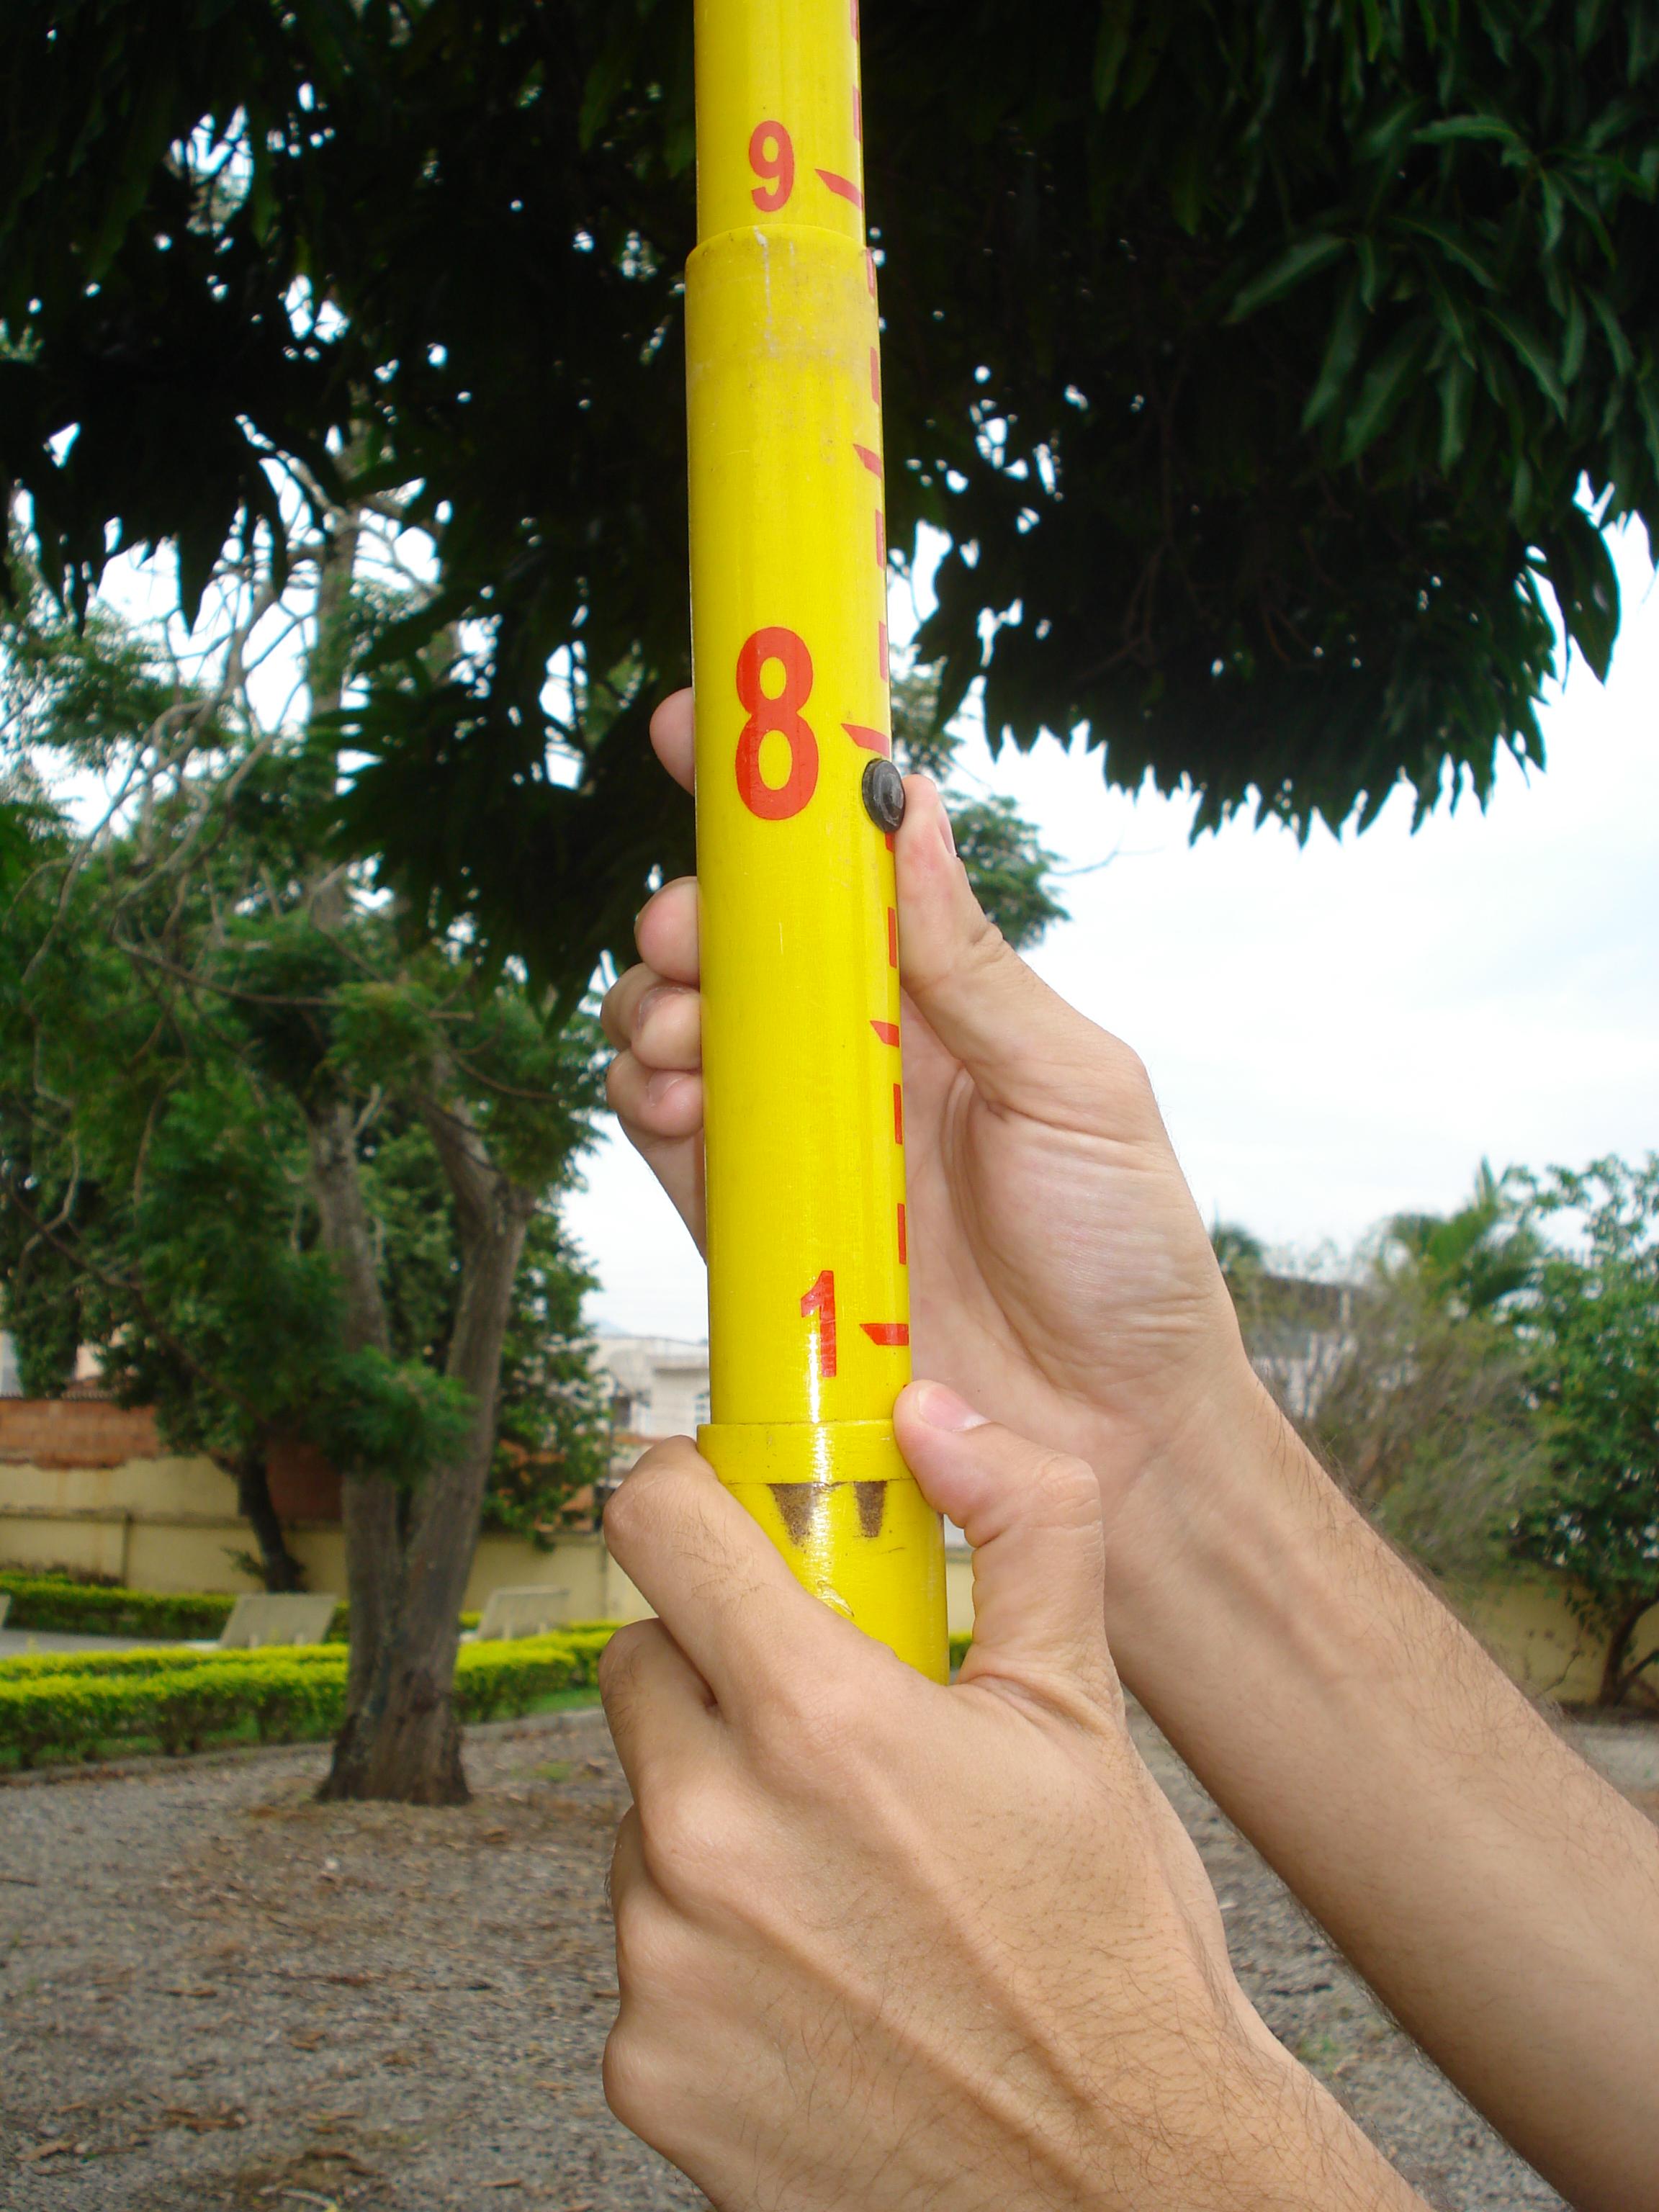 Medição com régua telescópica